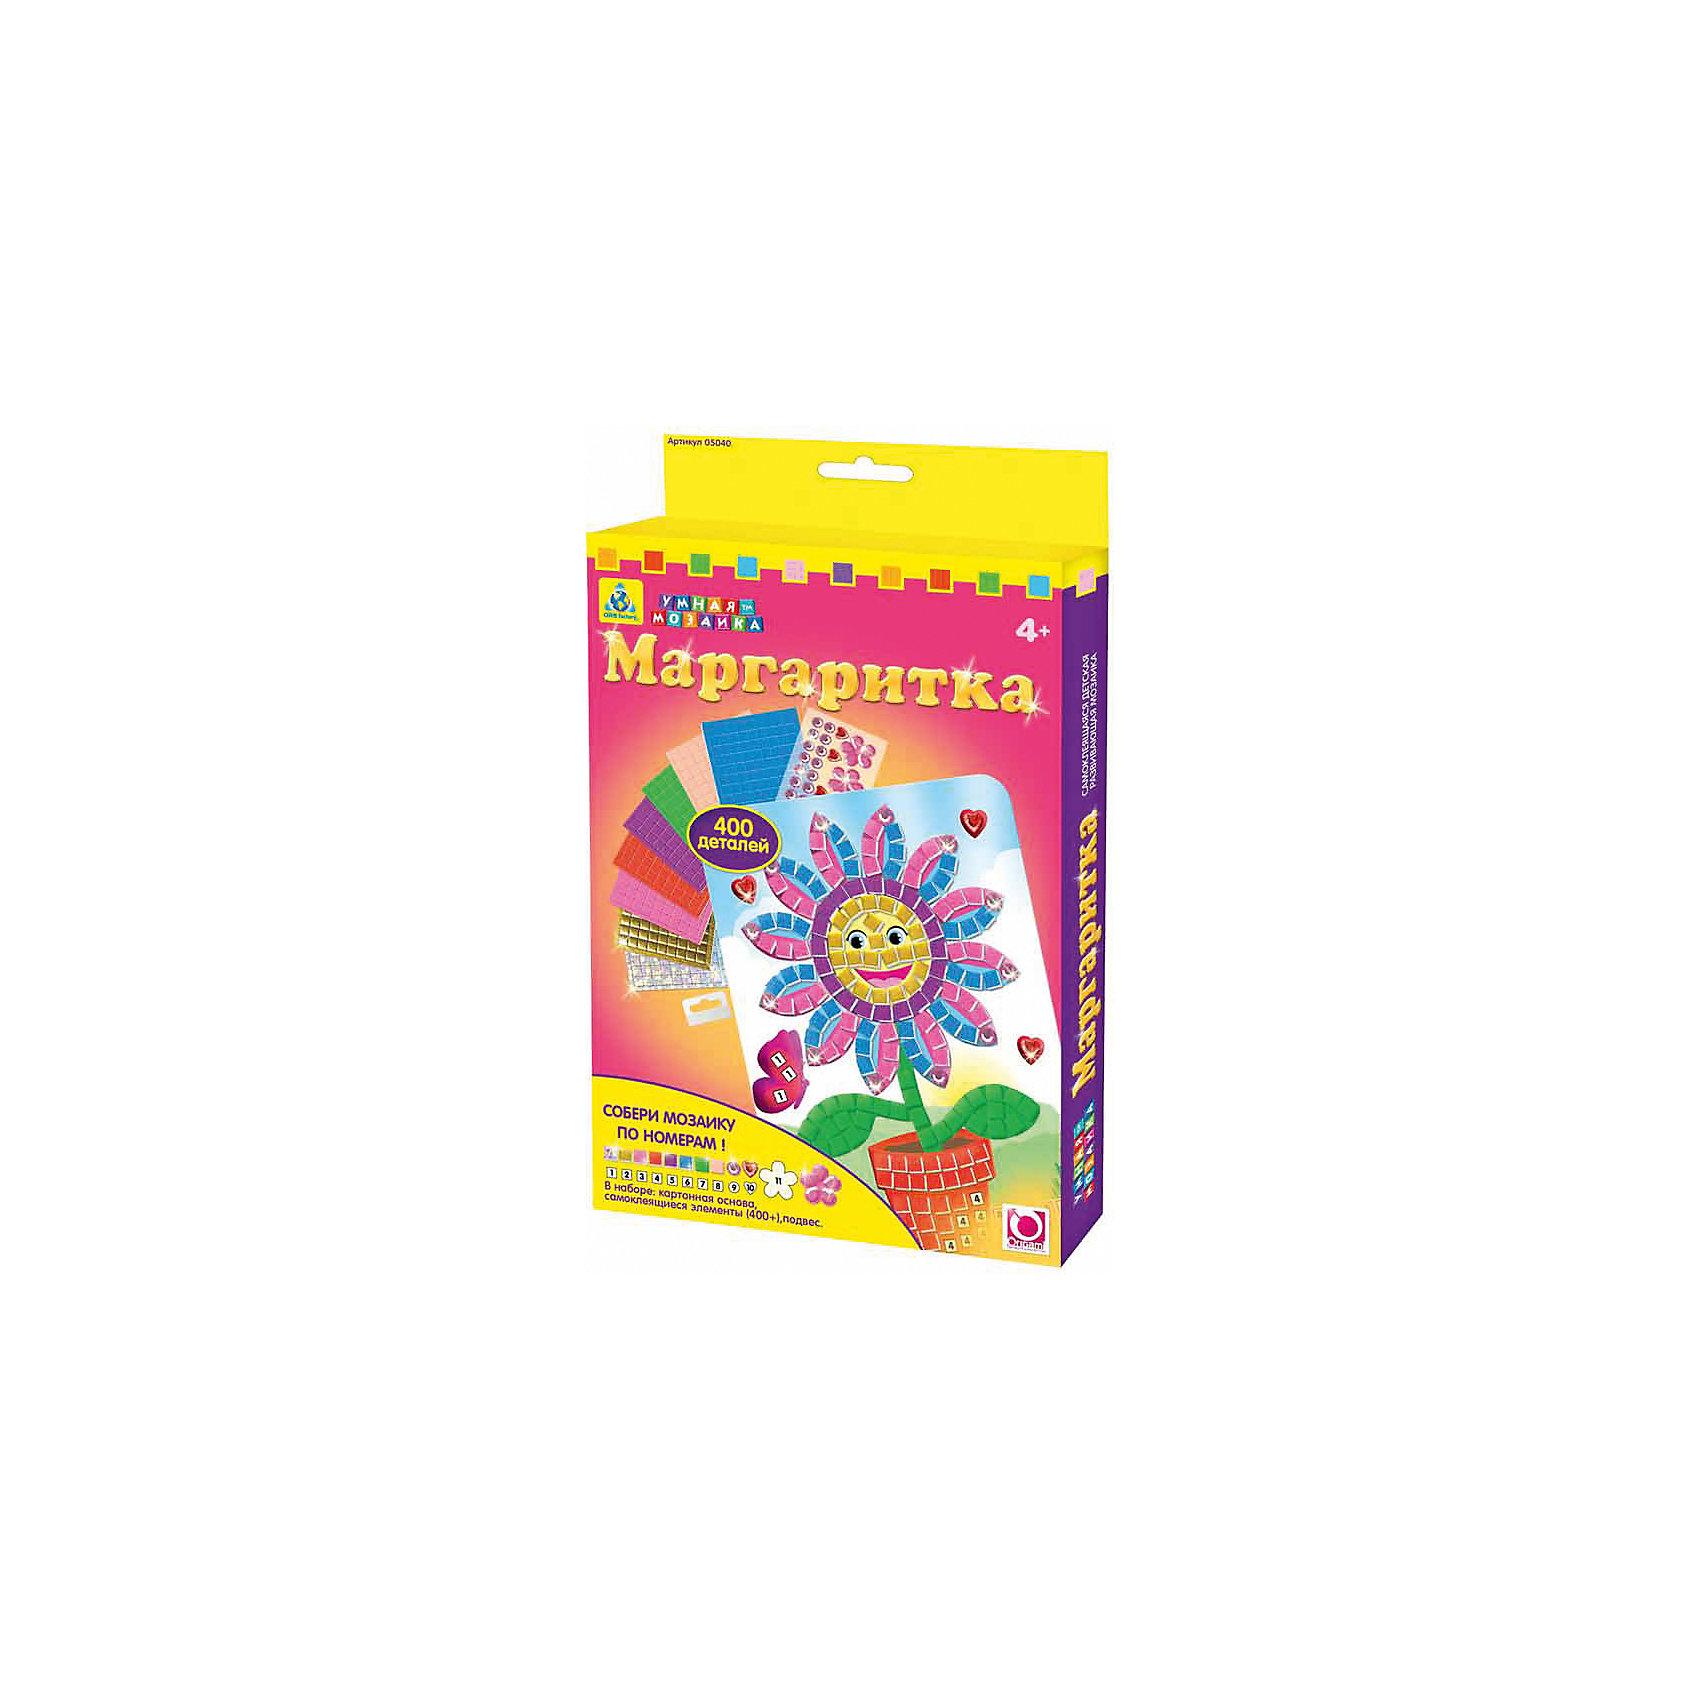 Самоклеющаяся мозаика Маргаритка, ОригамиМозаика<br>Самоклеющаяся мозаика Маргаритка, Оригами – это увлекательный набор, который поможет малышке без ножниц и клея создать красивую картину.<br>Самоклеющаяся мозаика Маргаритка отличается высоким качеством исполнения и красочным цветовым дизайном. Набор поможет в обучении цветам и цифрам, ведь подбирать и наклеивать разноцветные самоклеющиеся элементы и стразы необходимо по цифрам. Каждому цвету соответствует своя цифра, а когда малышка наклеит все самоклеющиеся элементы и стразы, по схеме, она получит оригинальное разноцветное изображение маргаритки. Готовую картинку можно повесить на стену, прикрепив ее на подвес, а из оставшихся элементов создать свою собственную мозаику. Яркая мозаика поможет детям сделать шаги в мир цвета, формы и фантазии, сделает пальцы послушными, научит азам моделирования, разовьёт мелкую моторику рук, внимательность и усидчивость, сформирует наглядно-образное и логическое мышление.<br><br>Дополнительная информация:<br><br>- В наборе: картонная основа для мозаики, более 400 самоклеющихся элементов и страз, подвес<br>- Размер картинки: 20х14 см.<br>- Размер упаковки: 14,6х1,9х23,5 см.<br>- Вес упаковки: 104 гр.<br><br>Самоклеющуюся мозаику Маргаритка, Оригами можно купить в нашем интернет-магазине.<br><br>Ширина мм: 146<br>Глубина мм: 19<br>Высота мм: 235<br>Вес г: 104<br>Возраст от месяцев: 48<br>Возраст до месяцев: 96<br>Пол: Женский<br>Возраст: Детский<br>SKU: 4075989